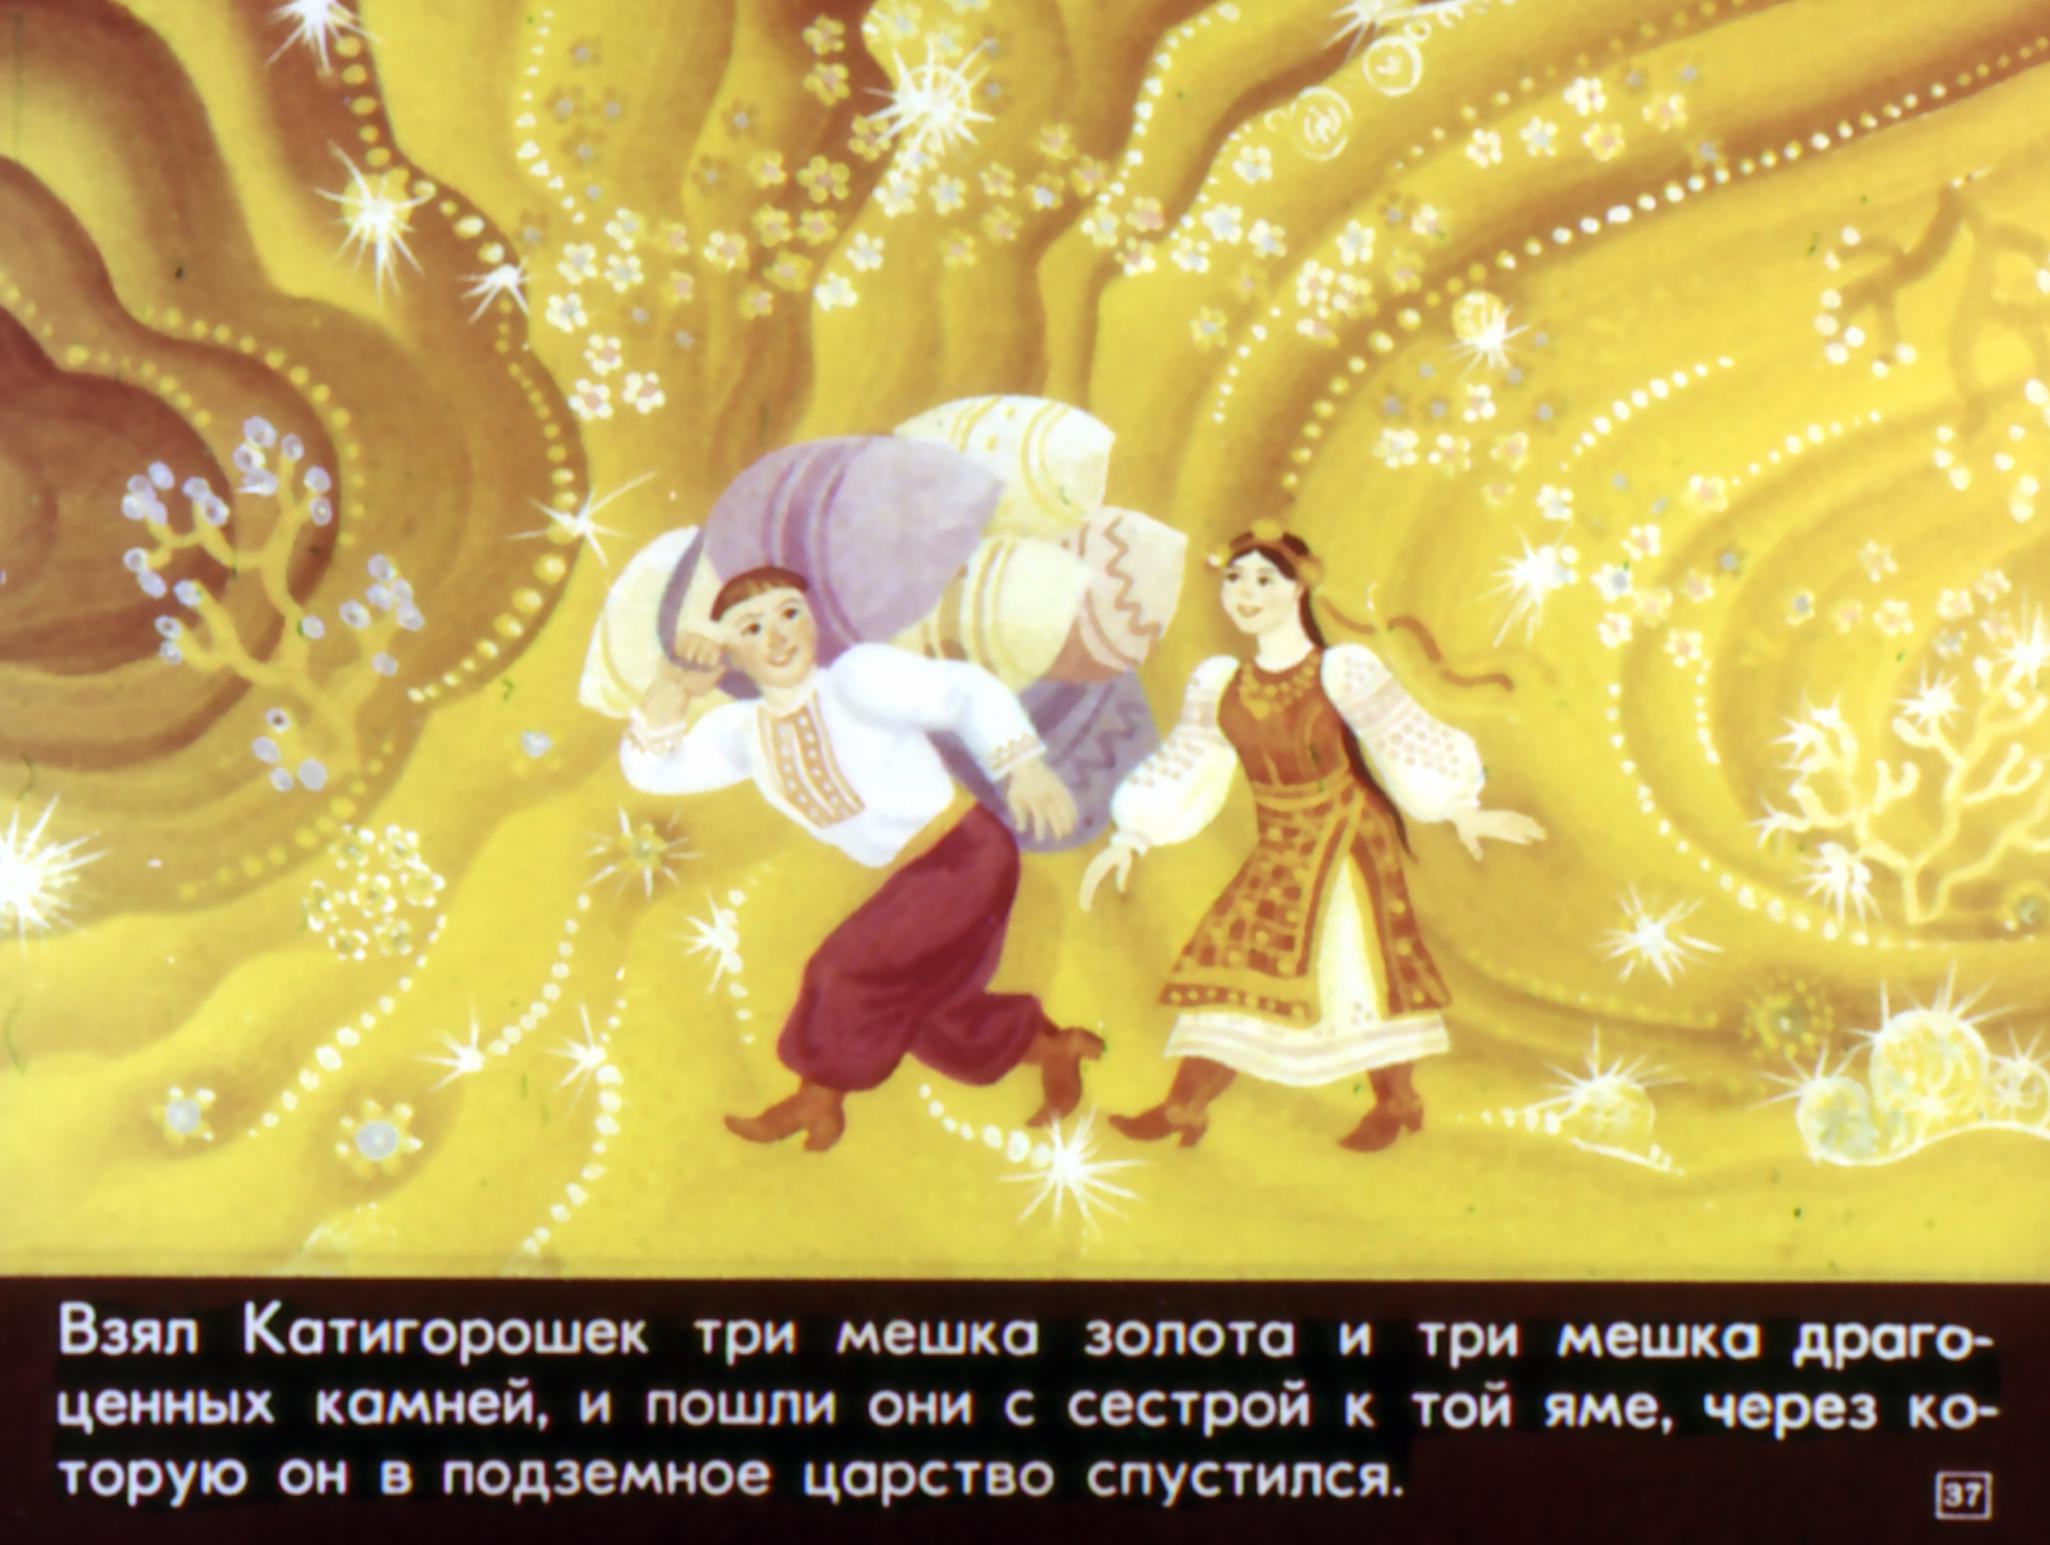 Эротика по катигорошек 23 фотография